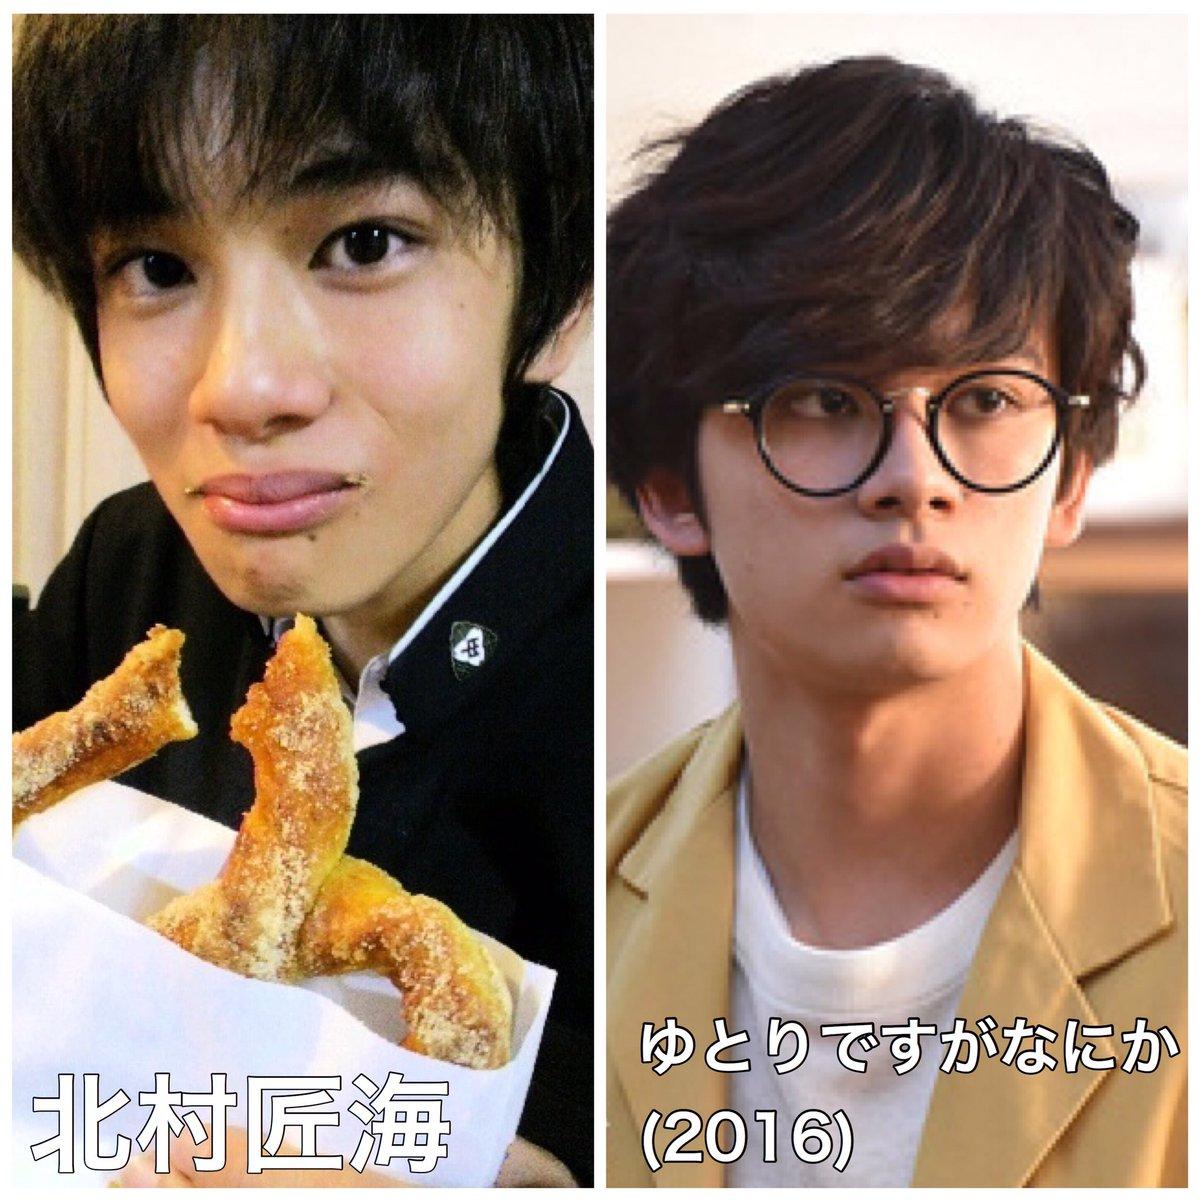 土屋太鳳と北村匠海が共演していたドラマ「鈴木先生」